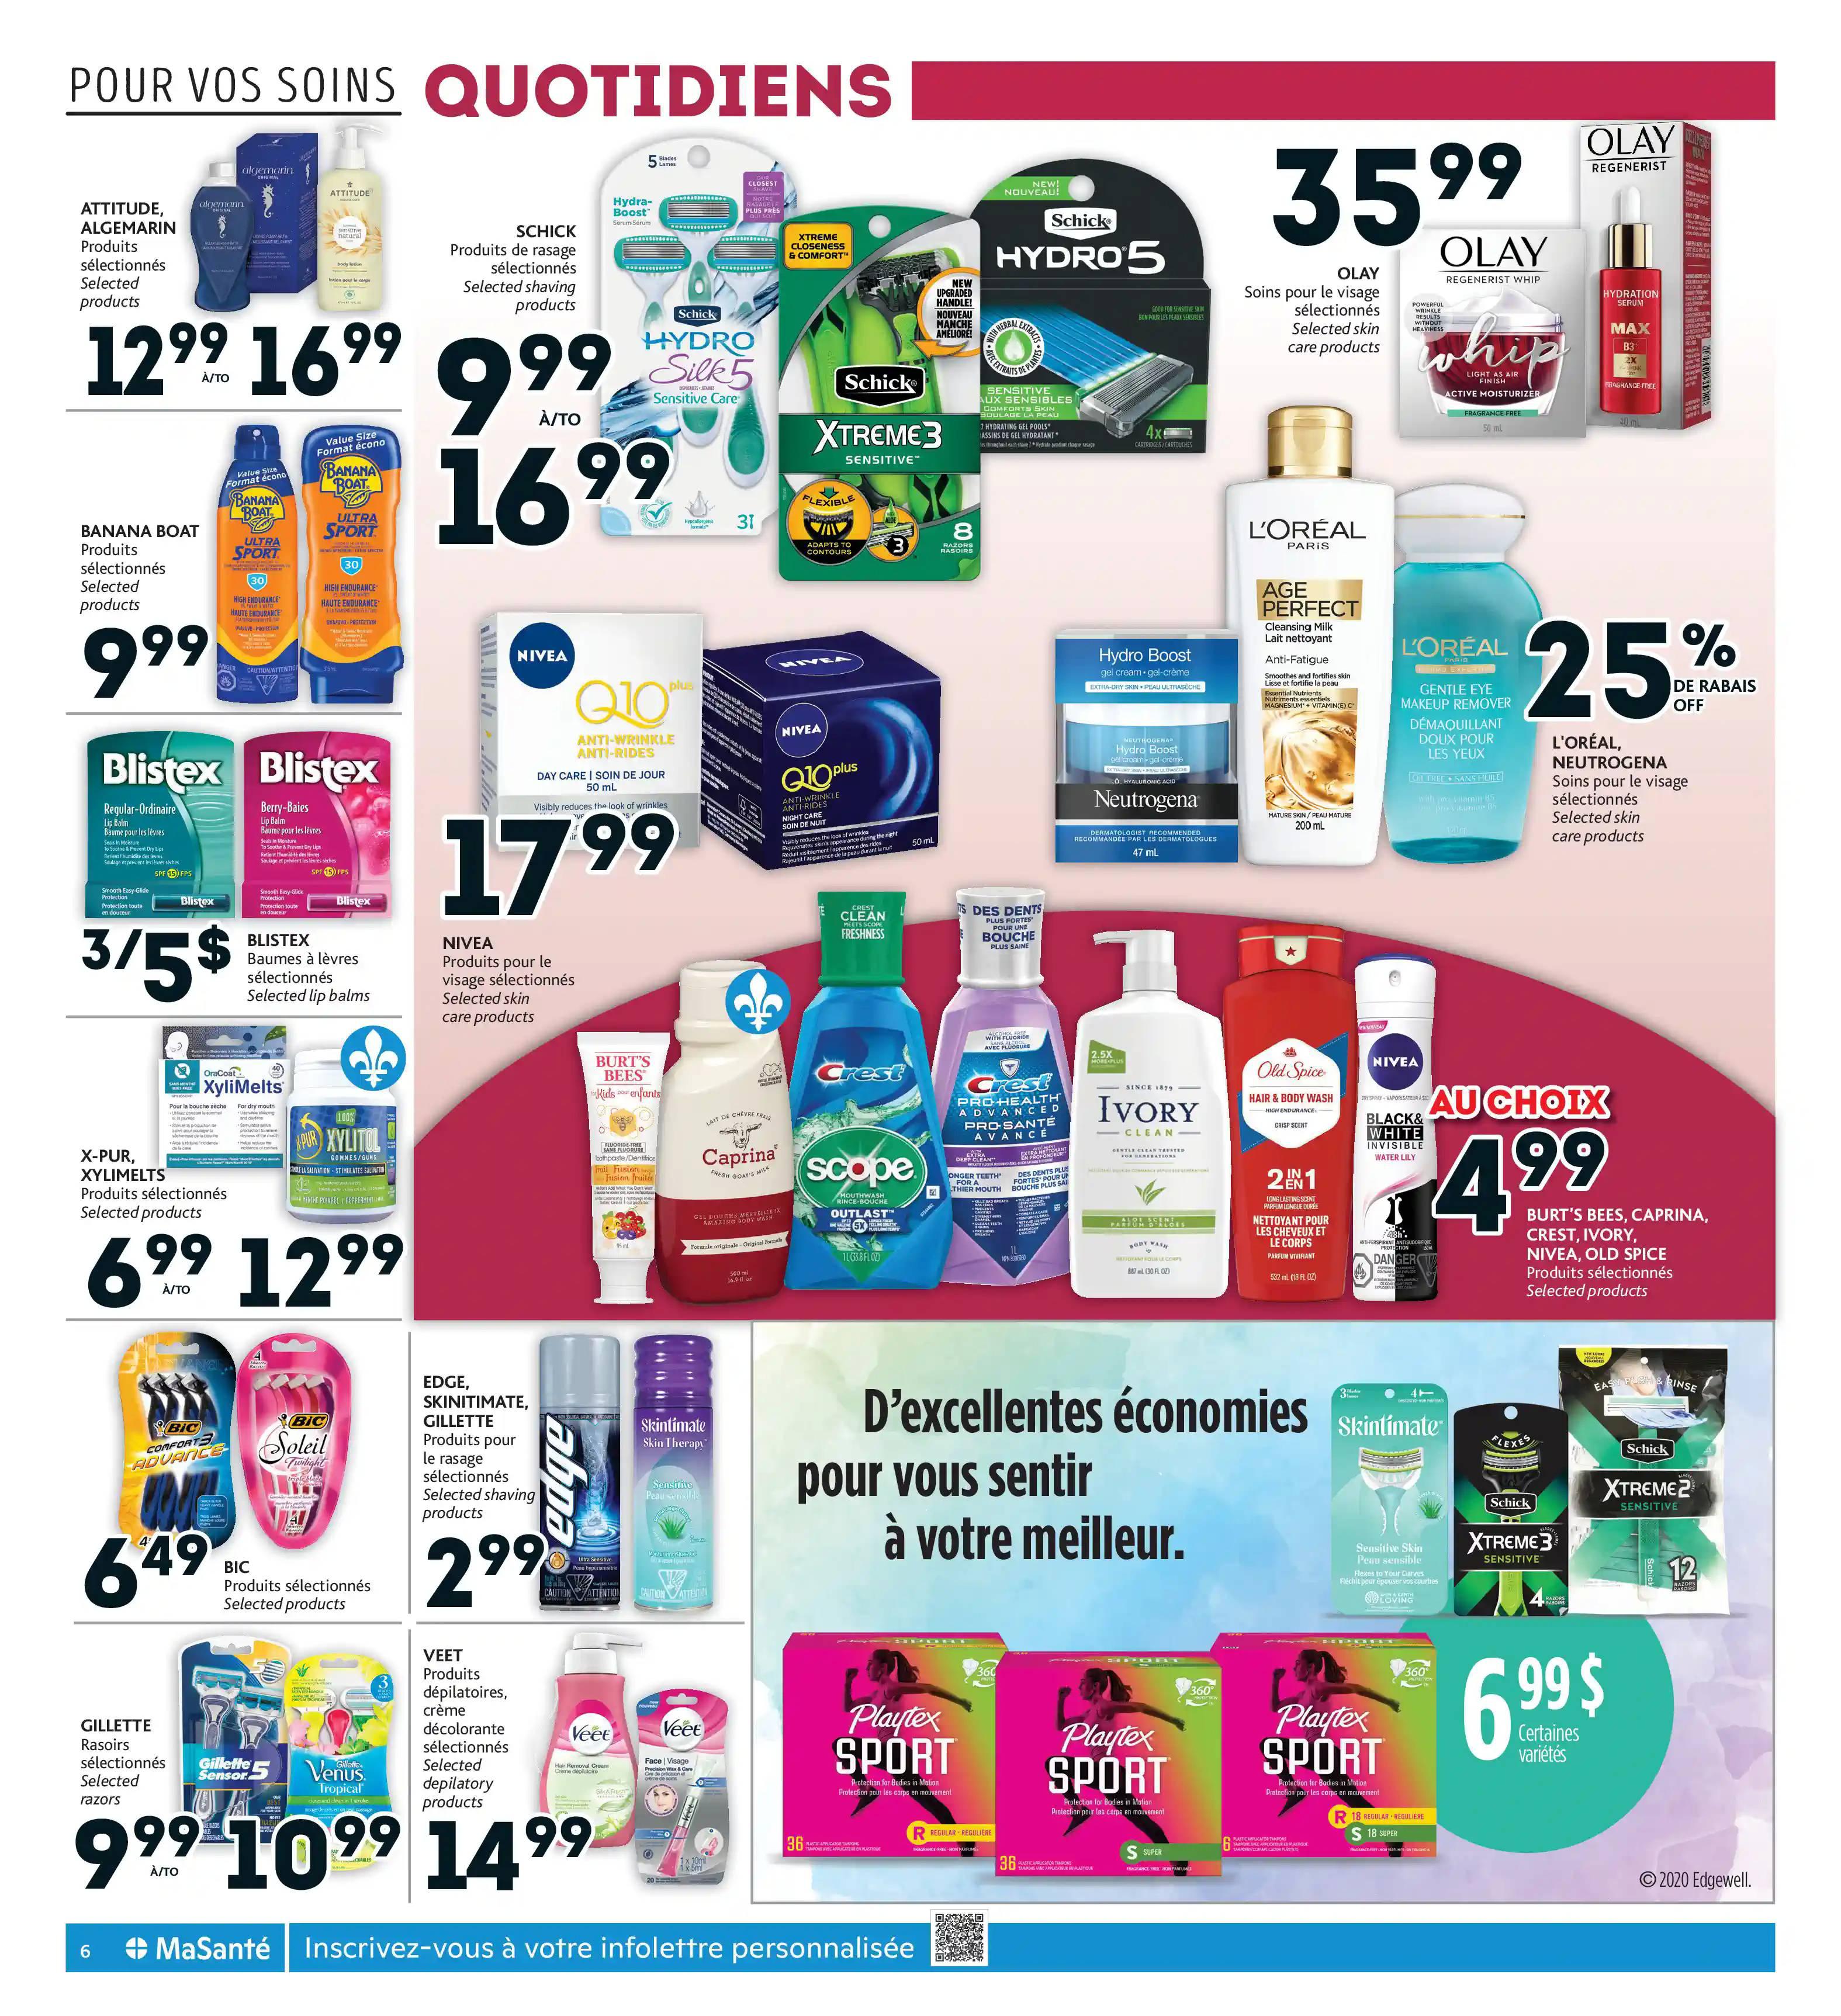 Circulaire Brunet - Pharmacie du 23 au 29 Septembre 2021 - Page 6